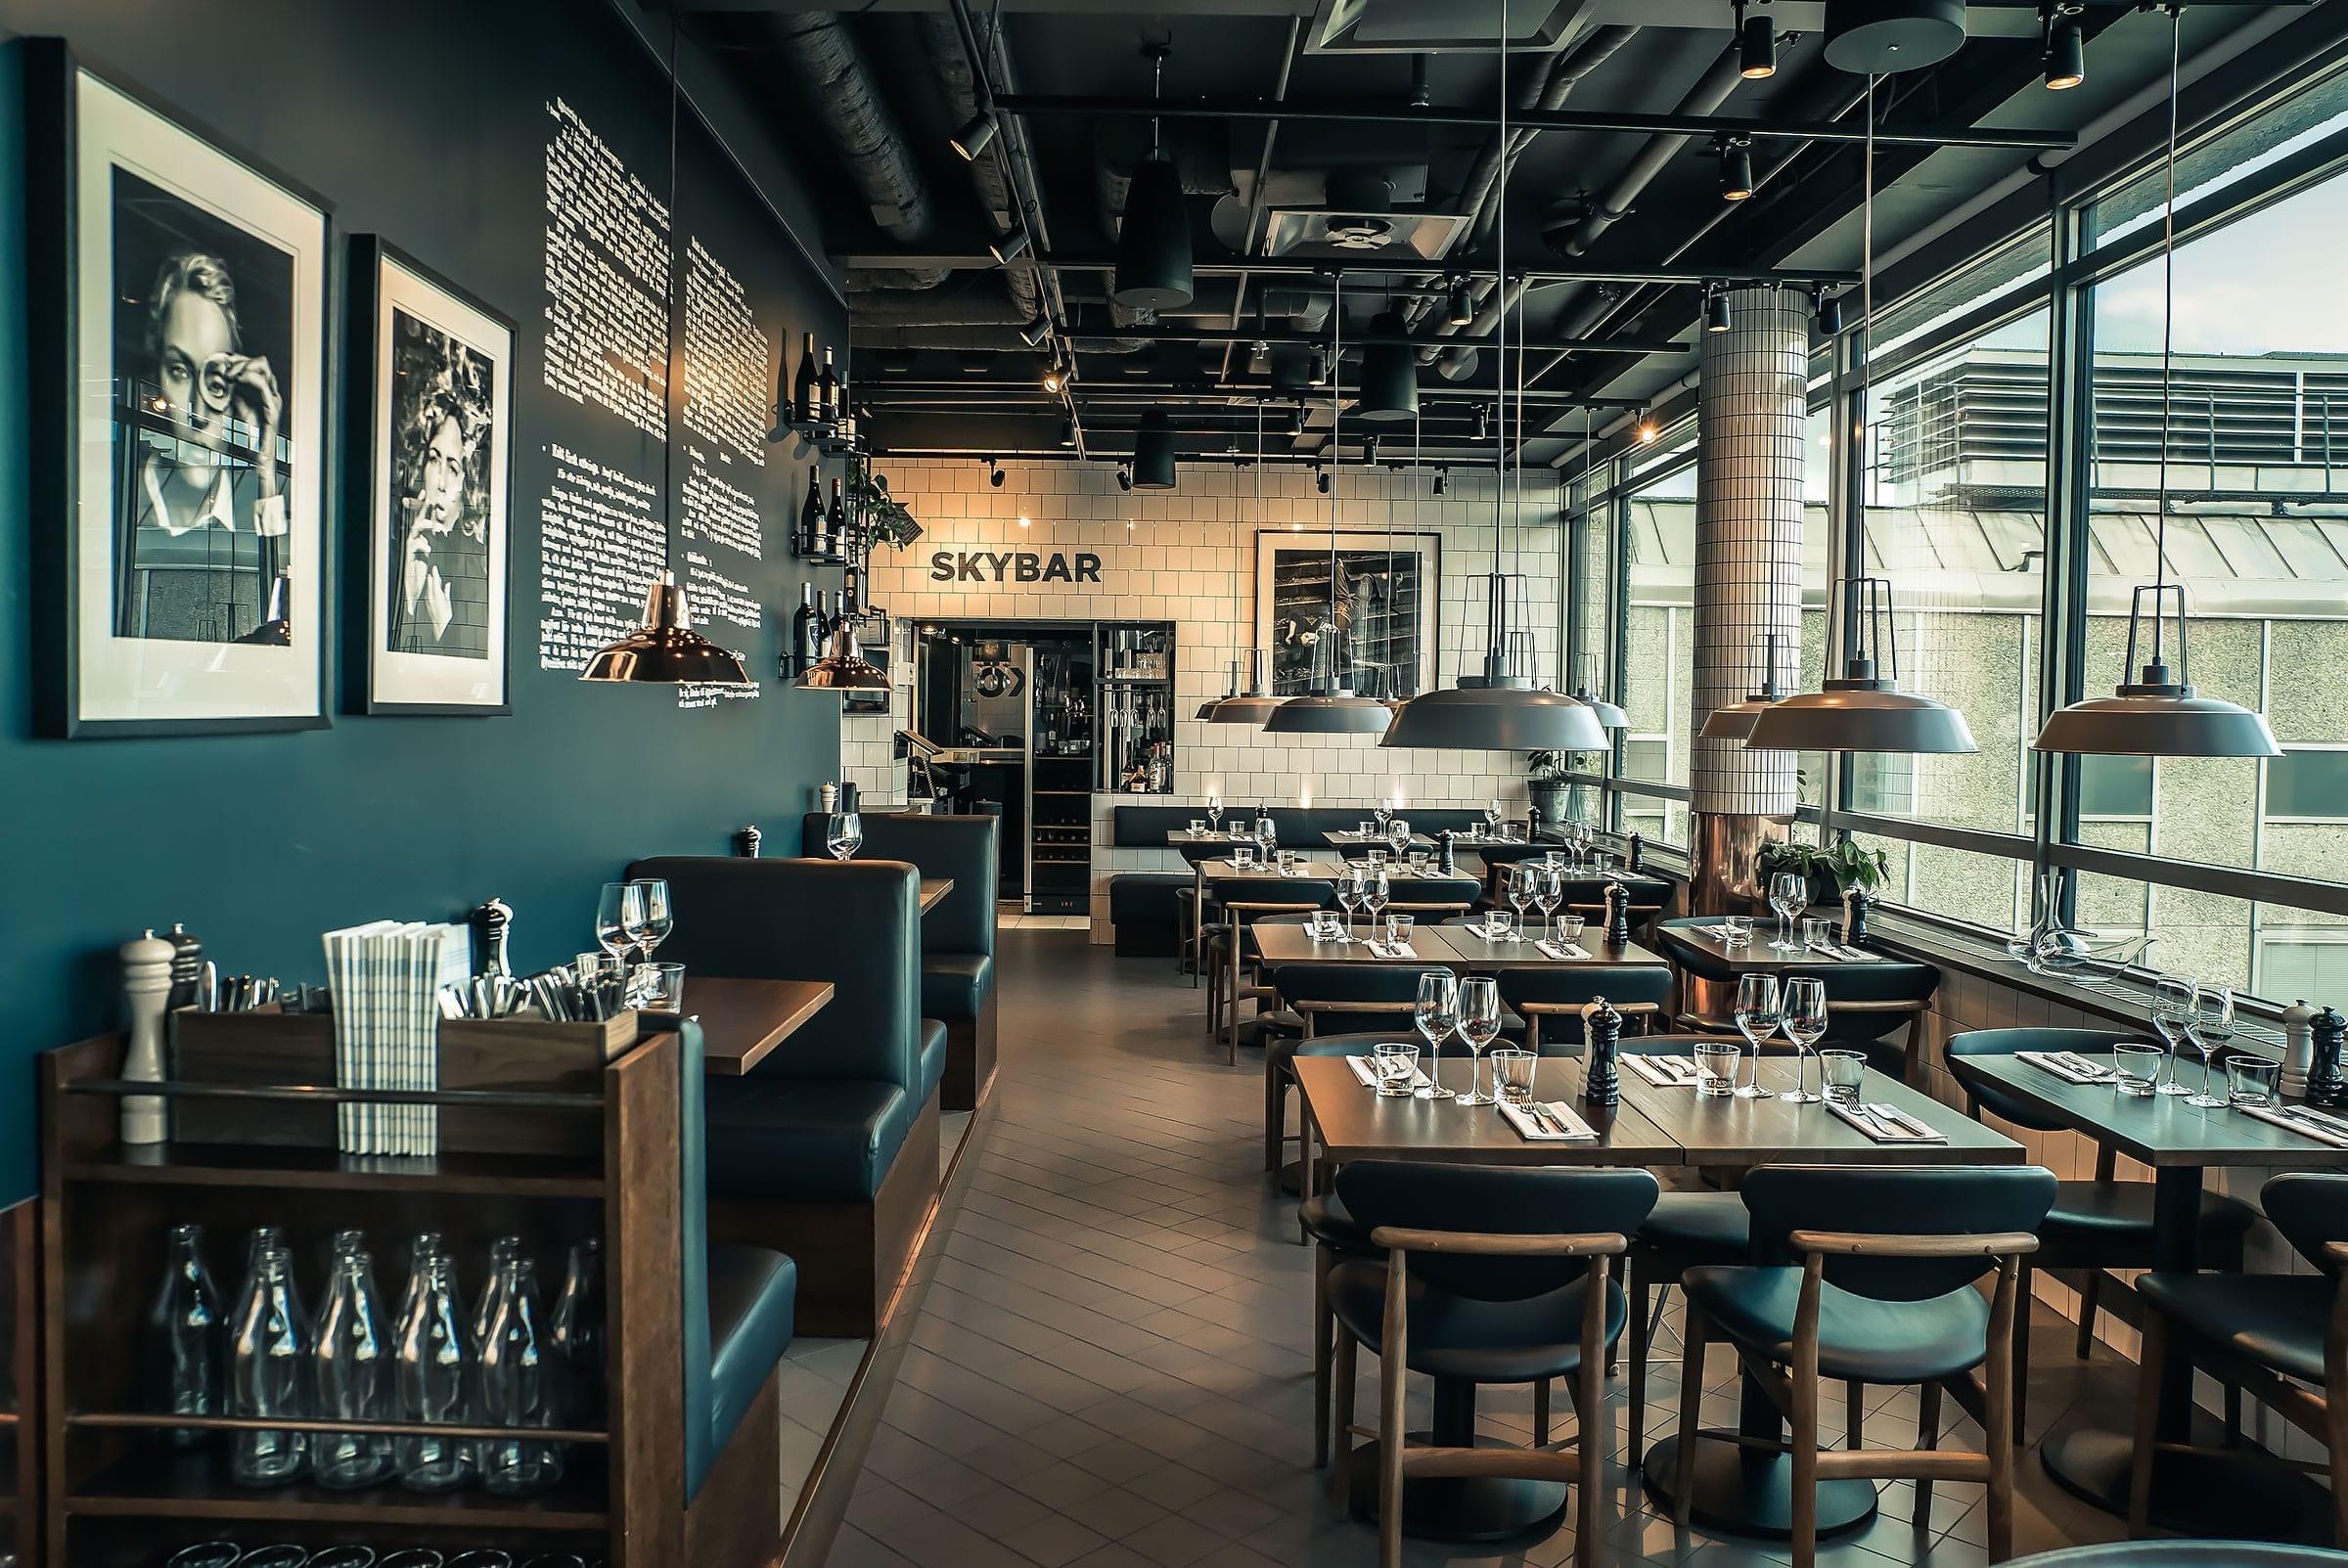 Himlen öppnar ny bar och restaurang